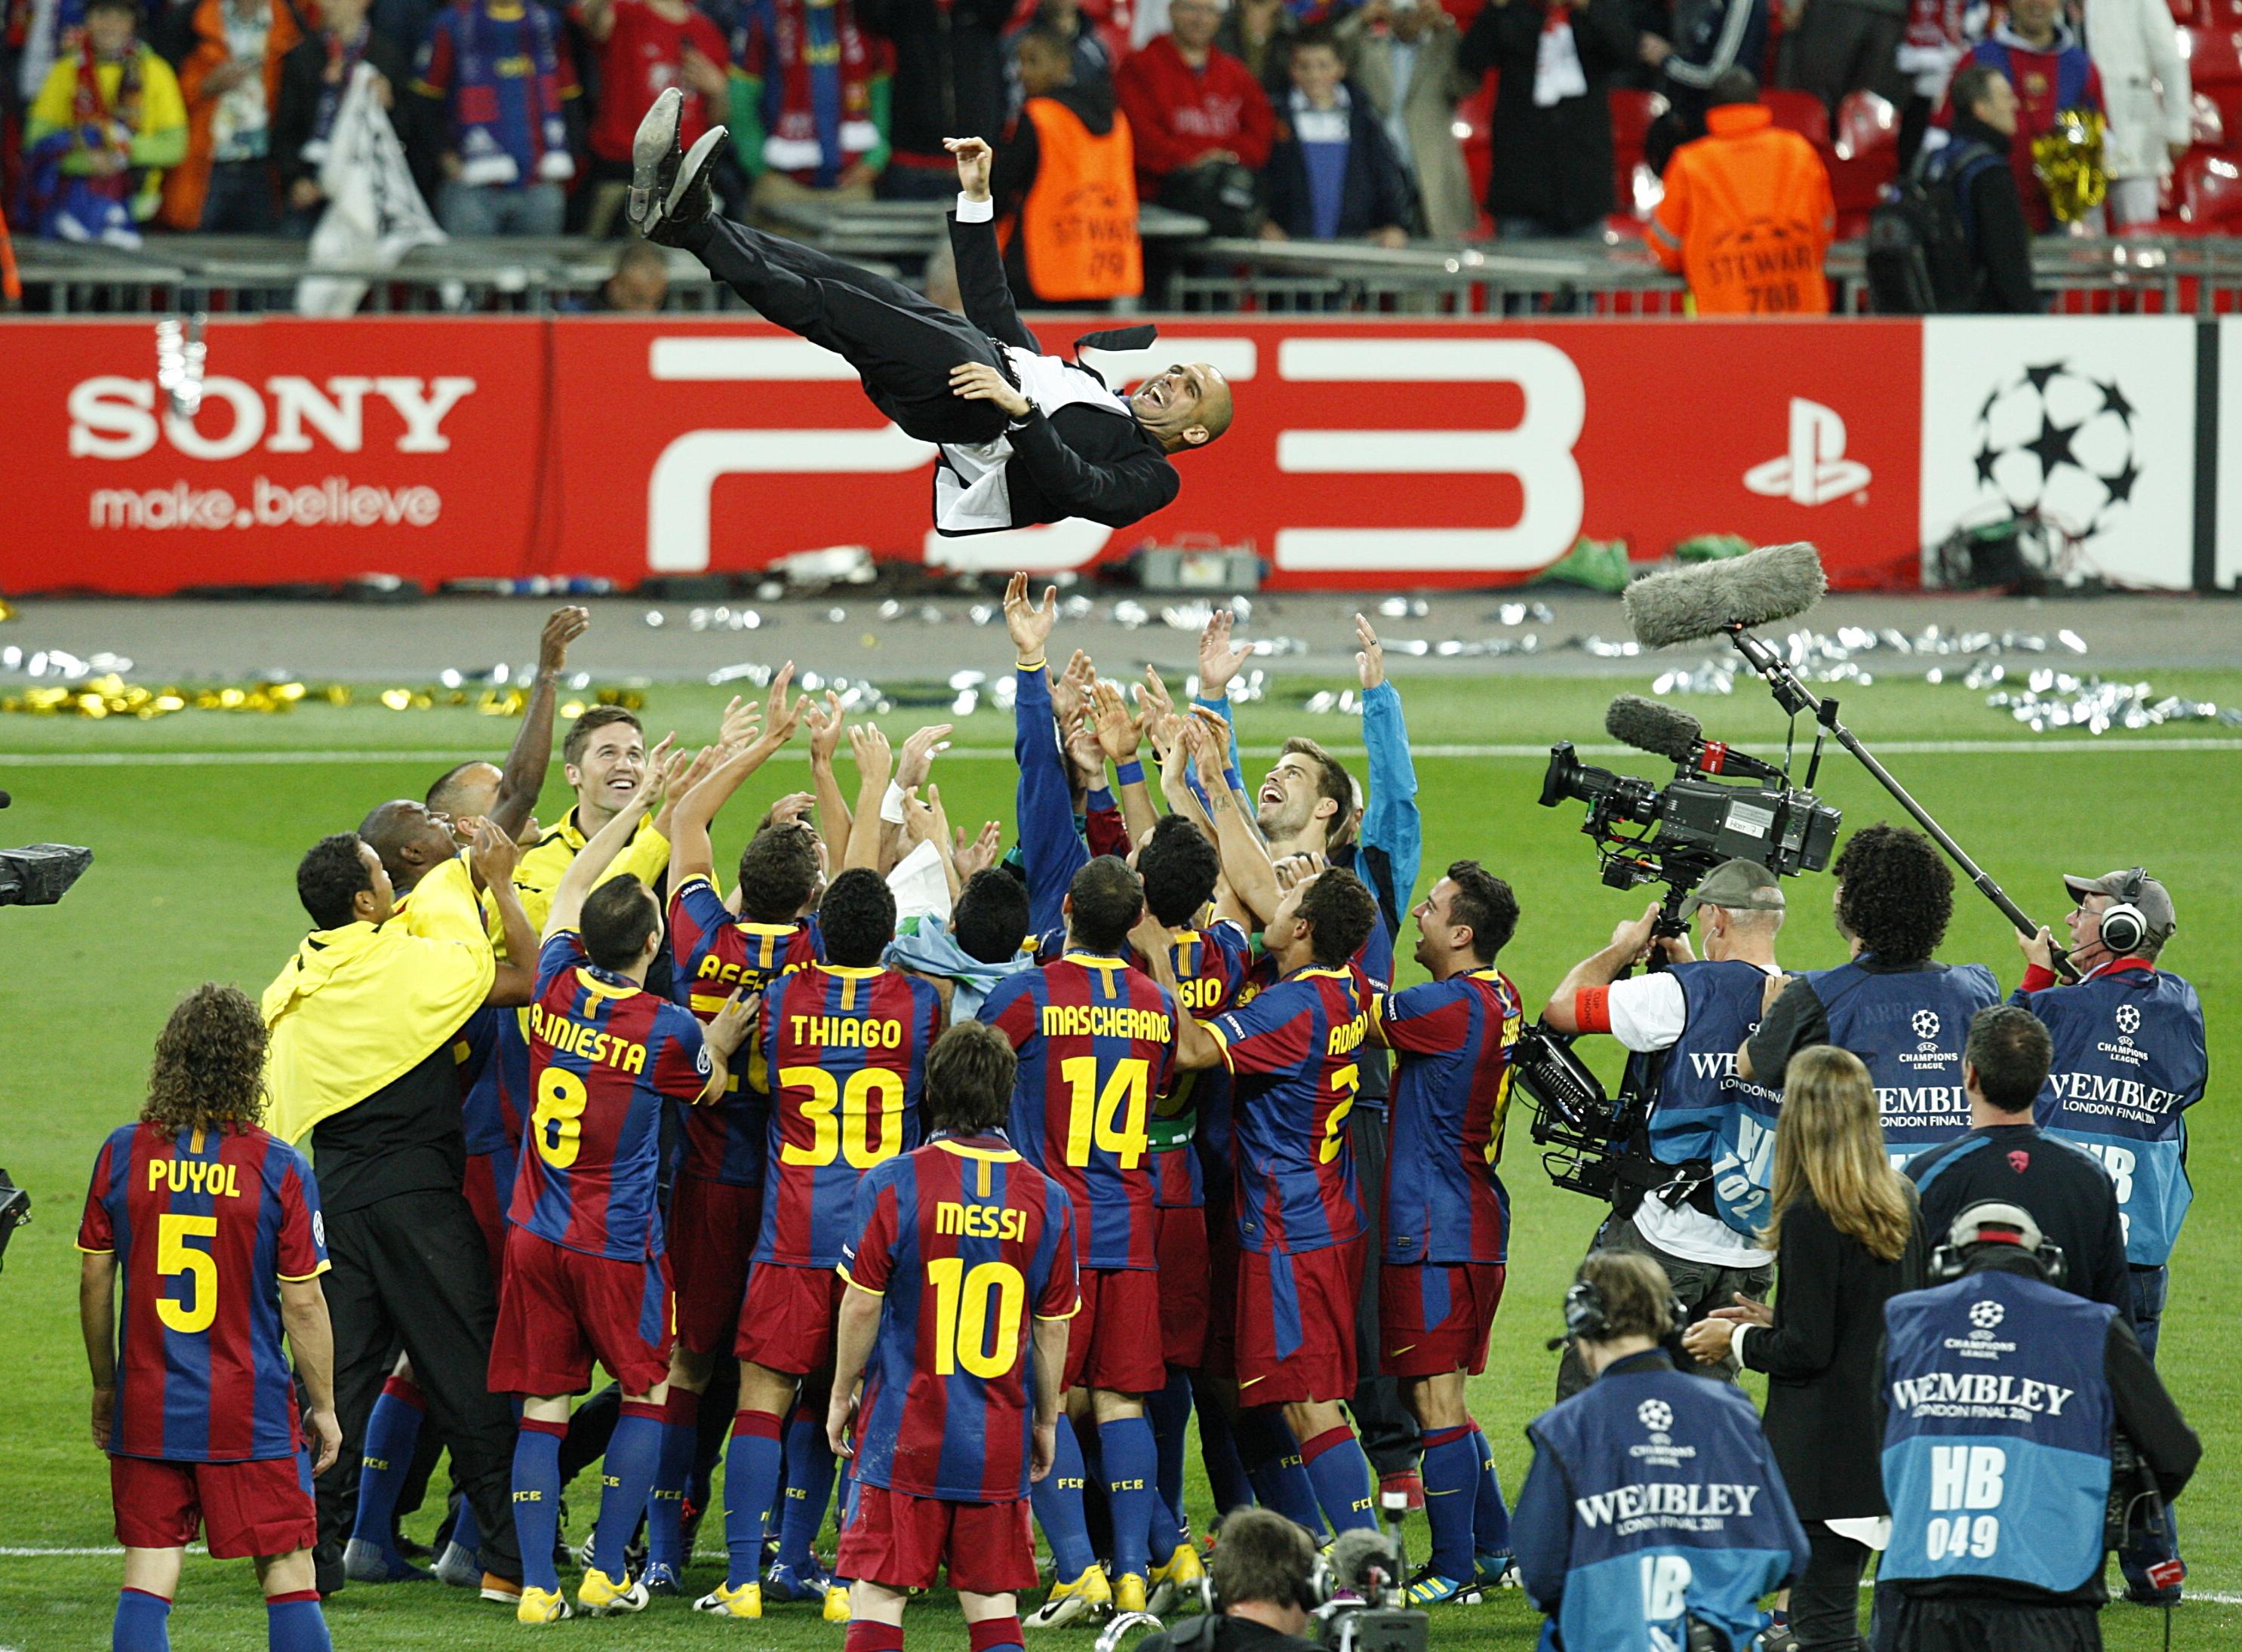 لیگ قهرمانان اروپا 2010/11